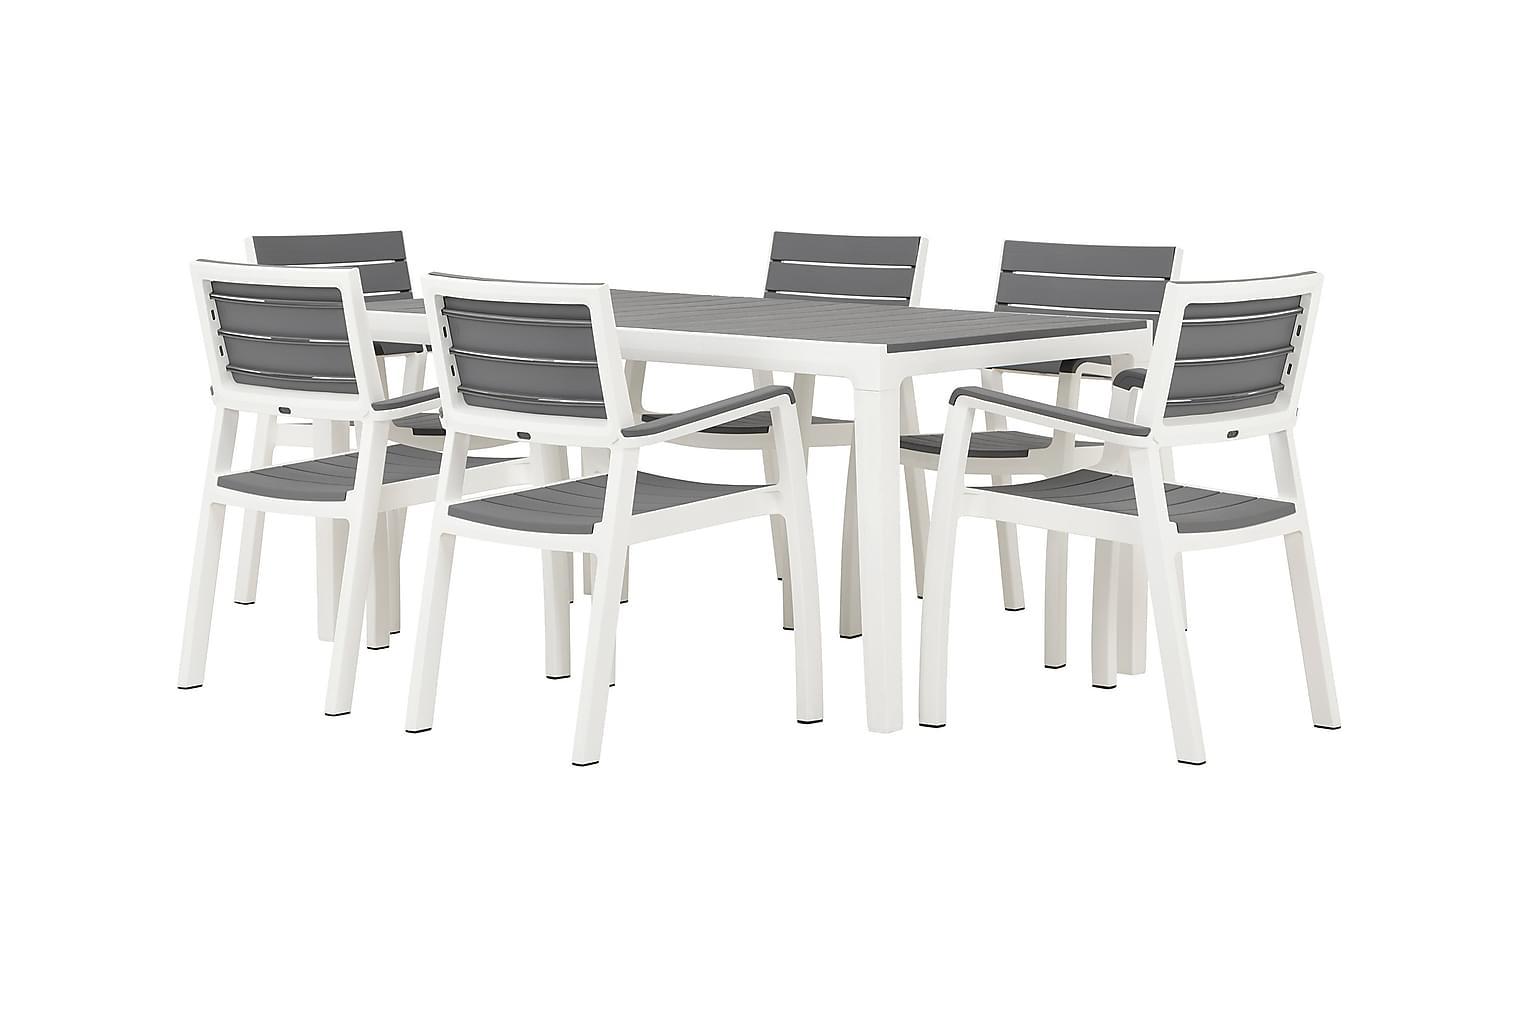 BILBAO Pöytä 160 + 6 Käsinojallista tuolia Harmaa/Valkoinen